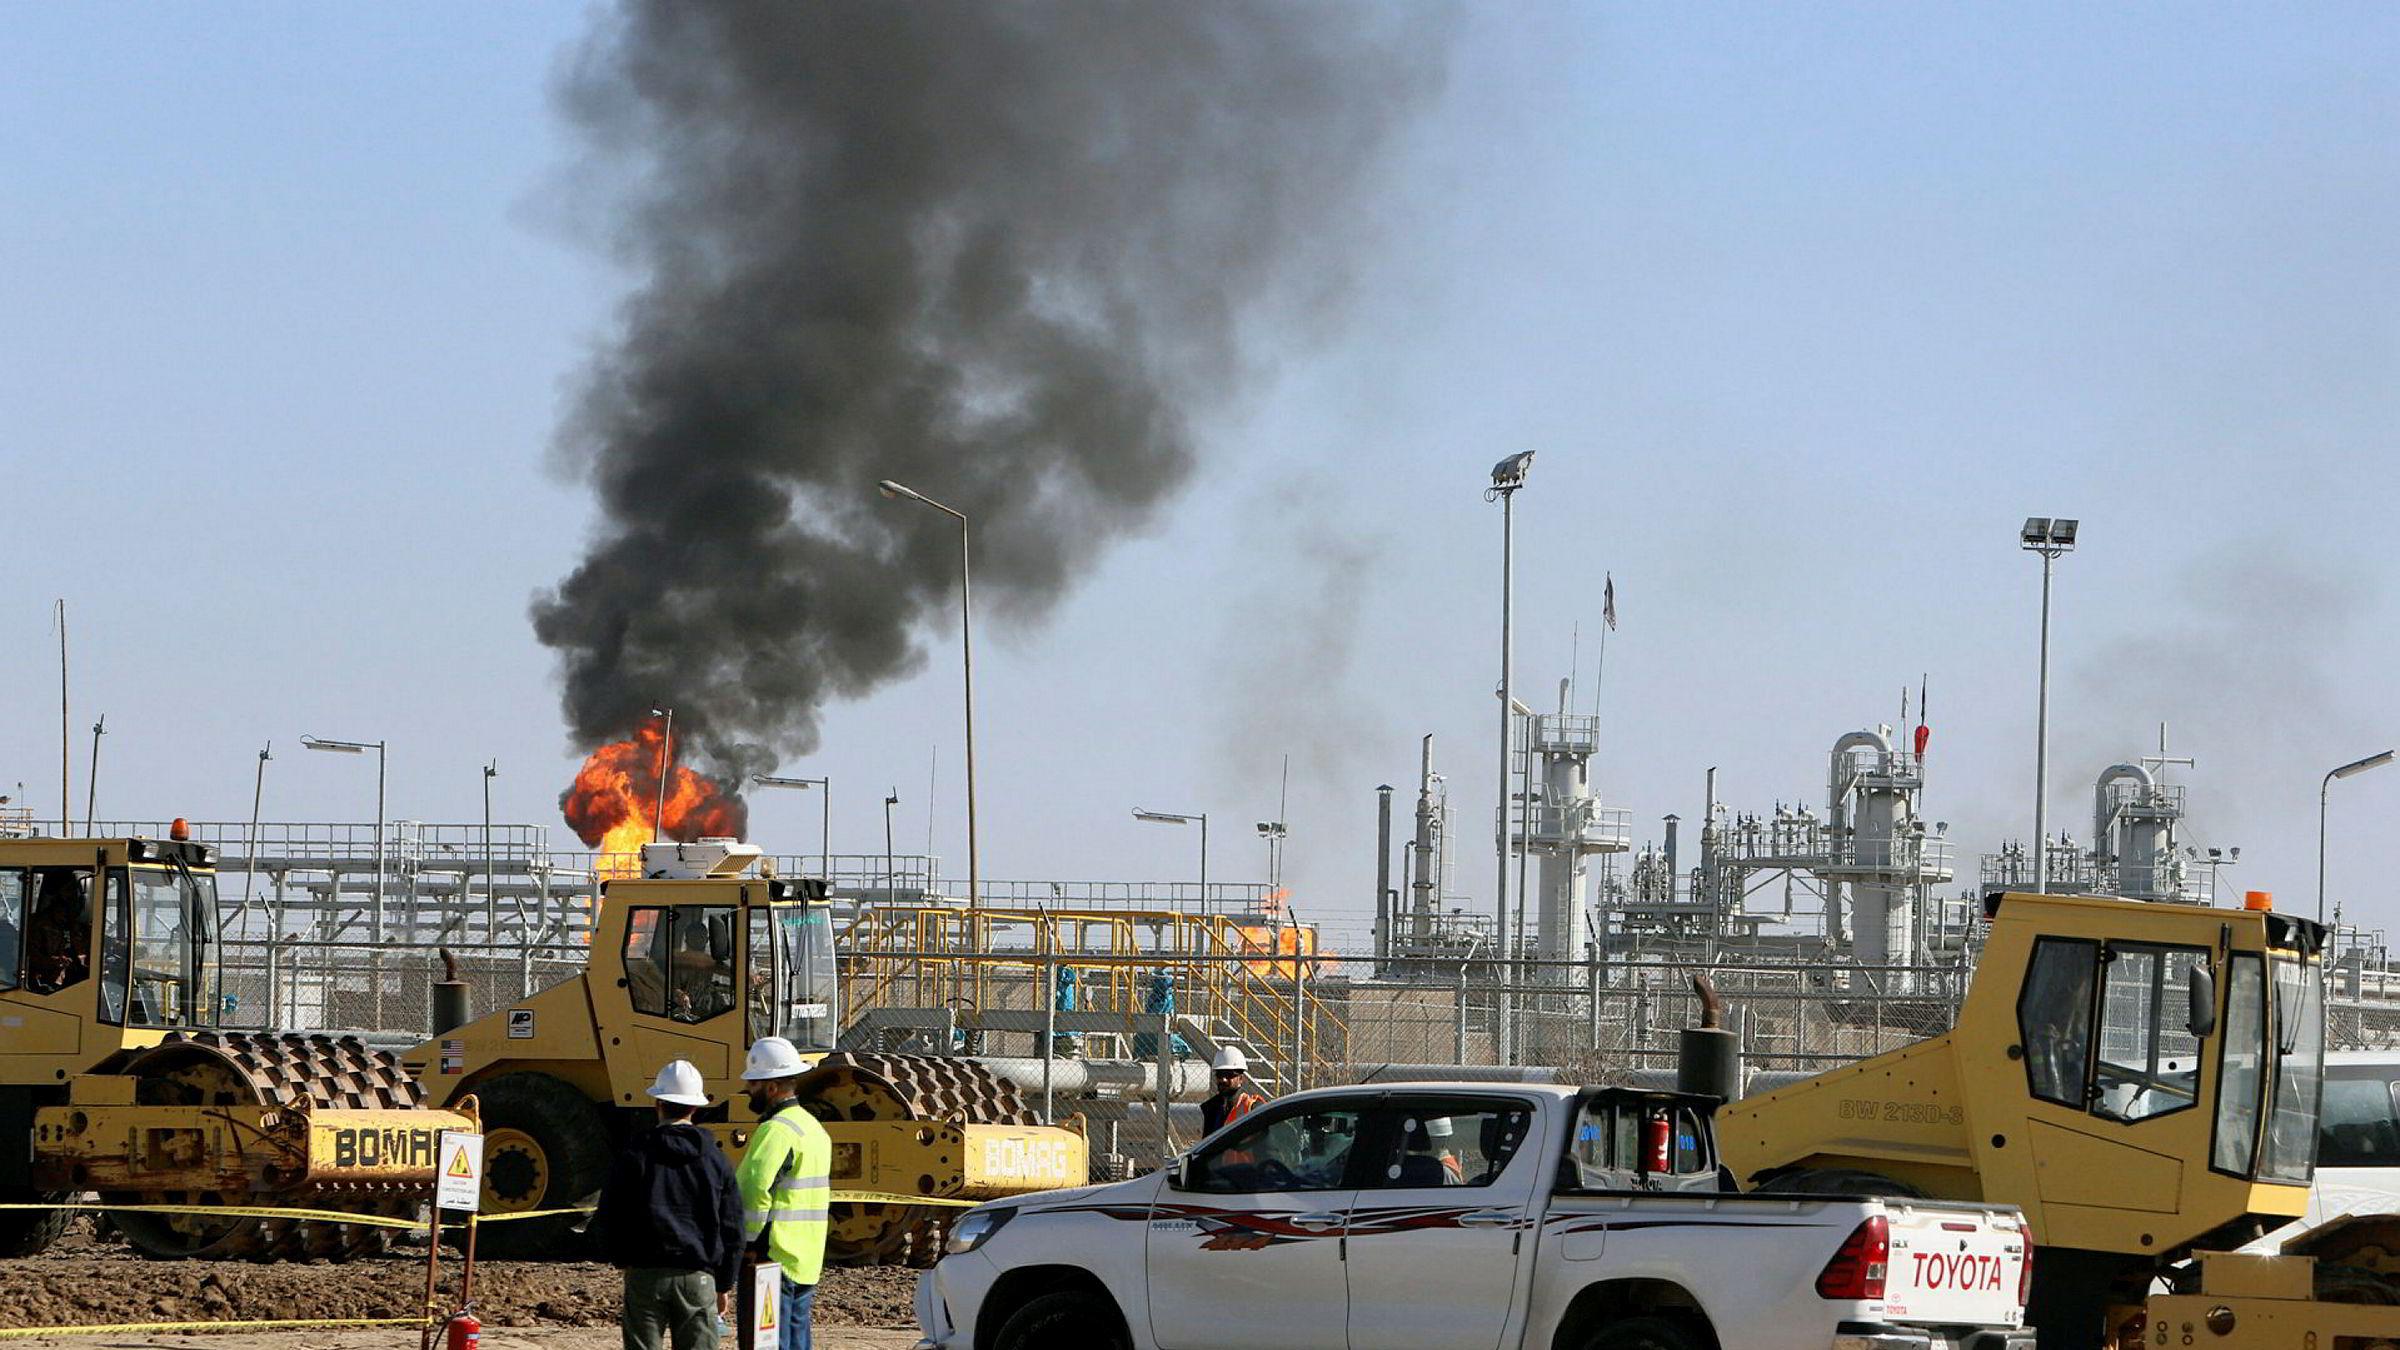 IEA fant få tegn til store endringer i olje- og gasselskapenes investeringer, hvor mindre enn 1 prosent av de totale kapitalutgiftene utenfor deres kjernevirksomheter har gått til ren energi. Her fra oljefeltet West Qurna-1 i Irak, hvor ExxonMobil er operatør